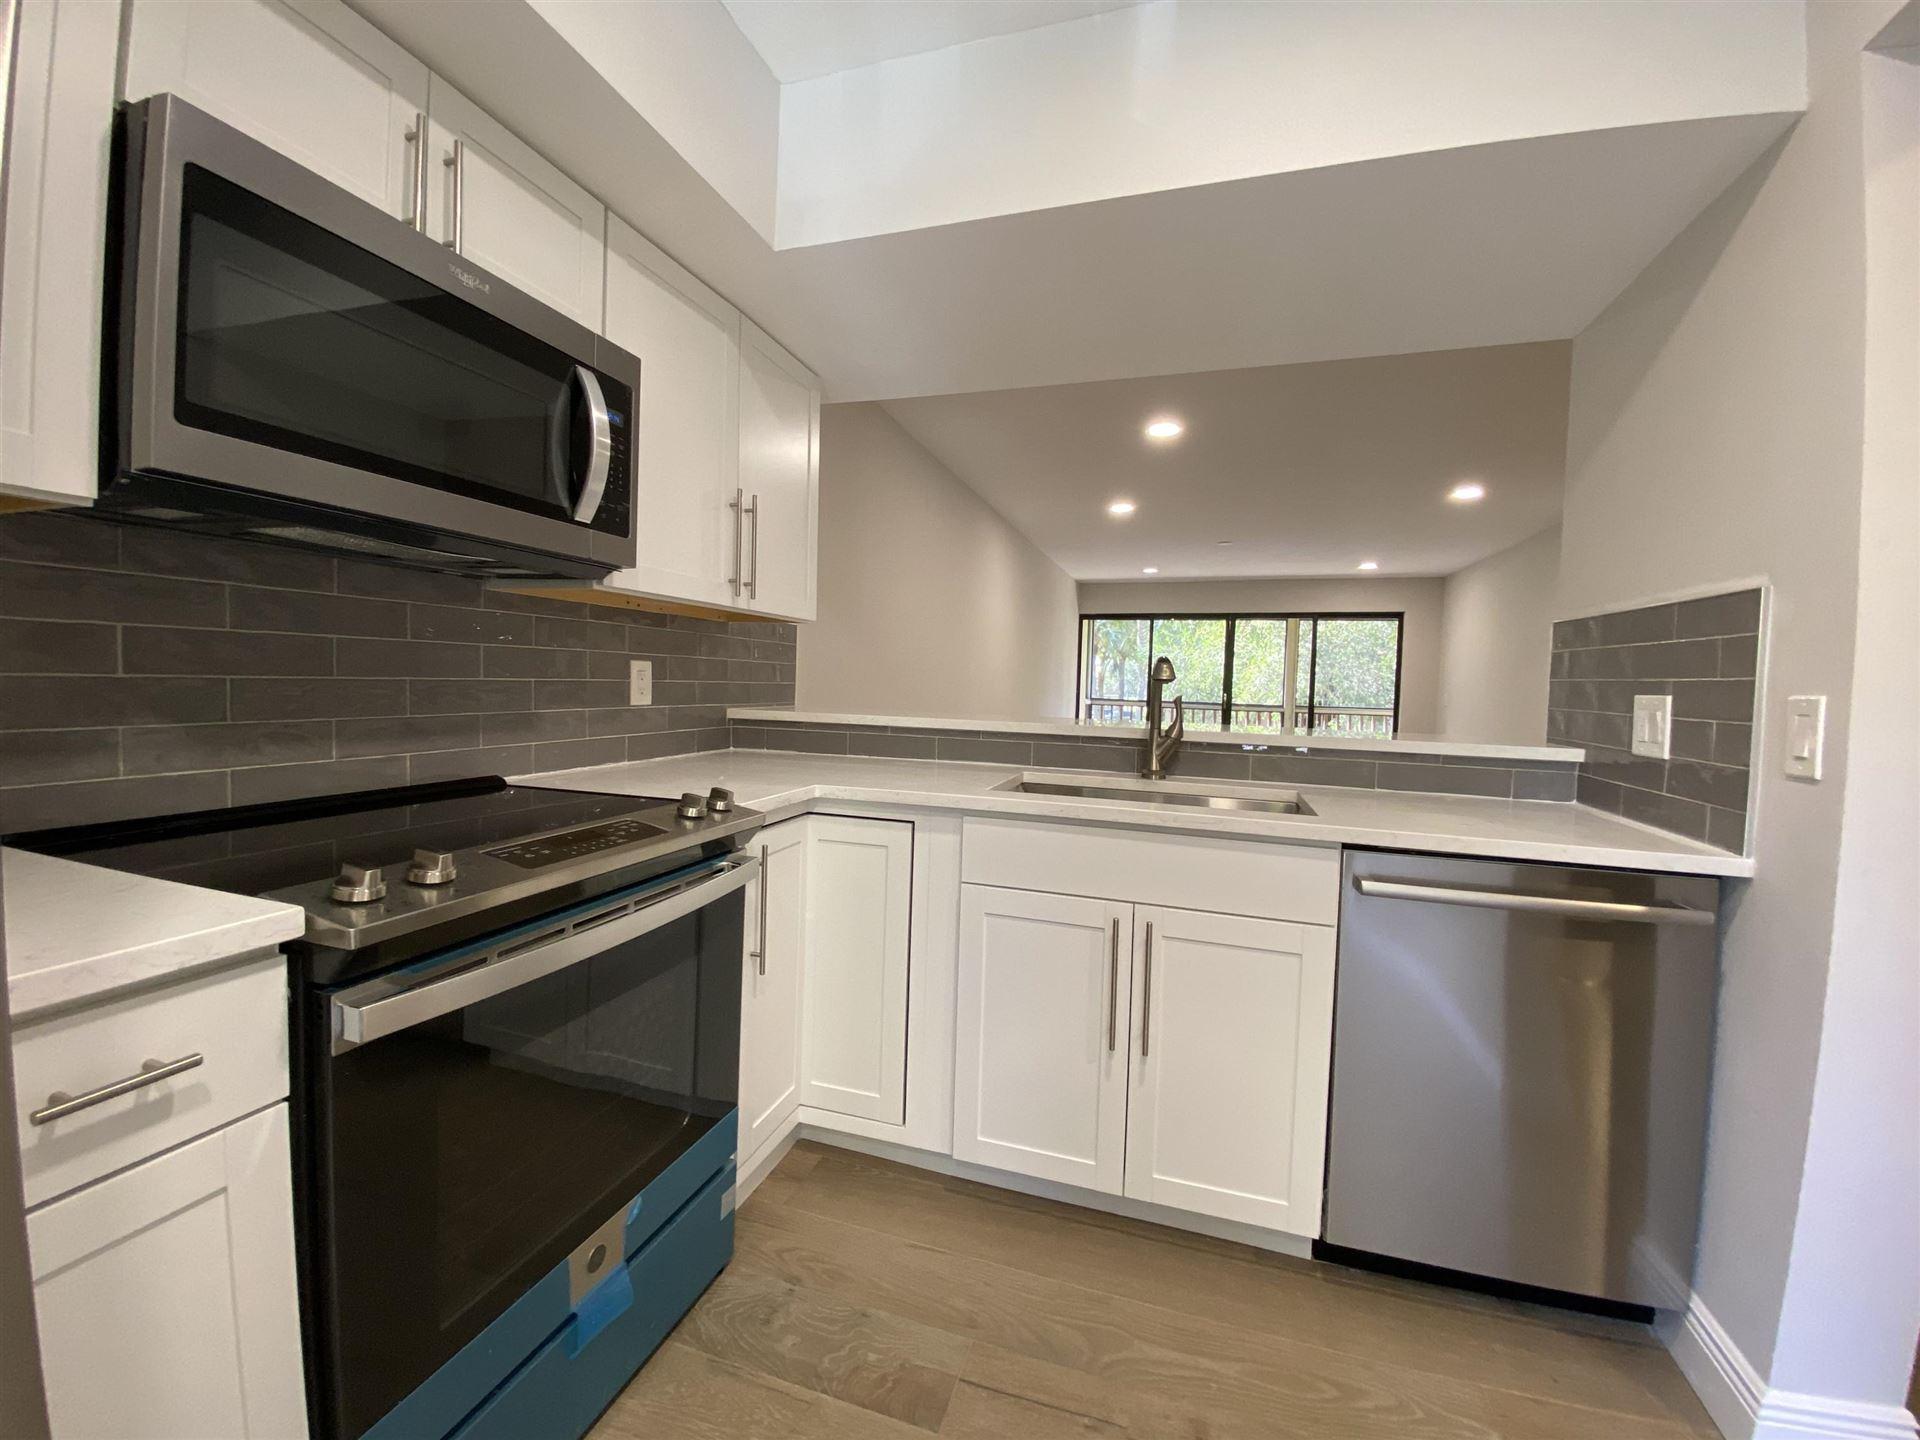 Photo of 509 Brackenwood Place #509, Palm Beach Gardens, FL 33418 (MLS # RX-10686210)